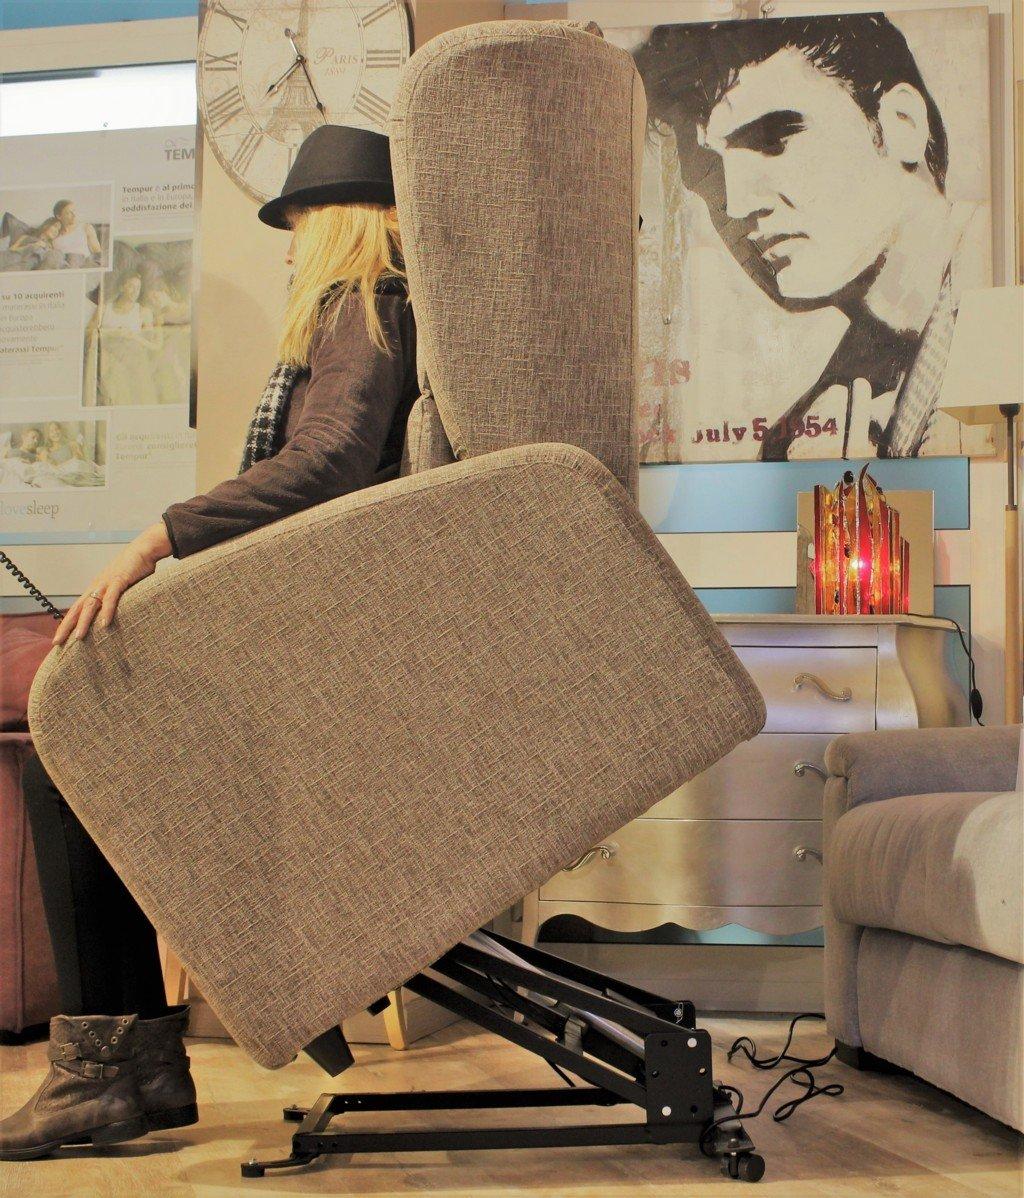 Donna seduta su poltrona con alzata automatica mentre si alza